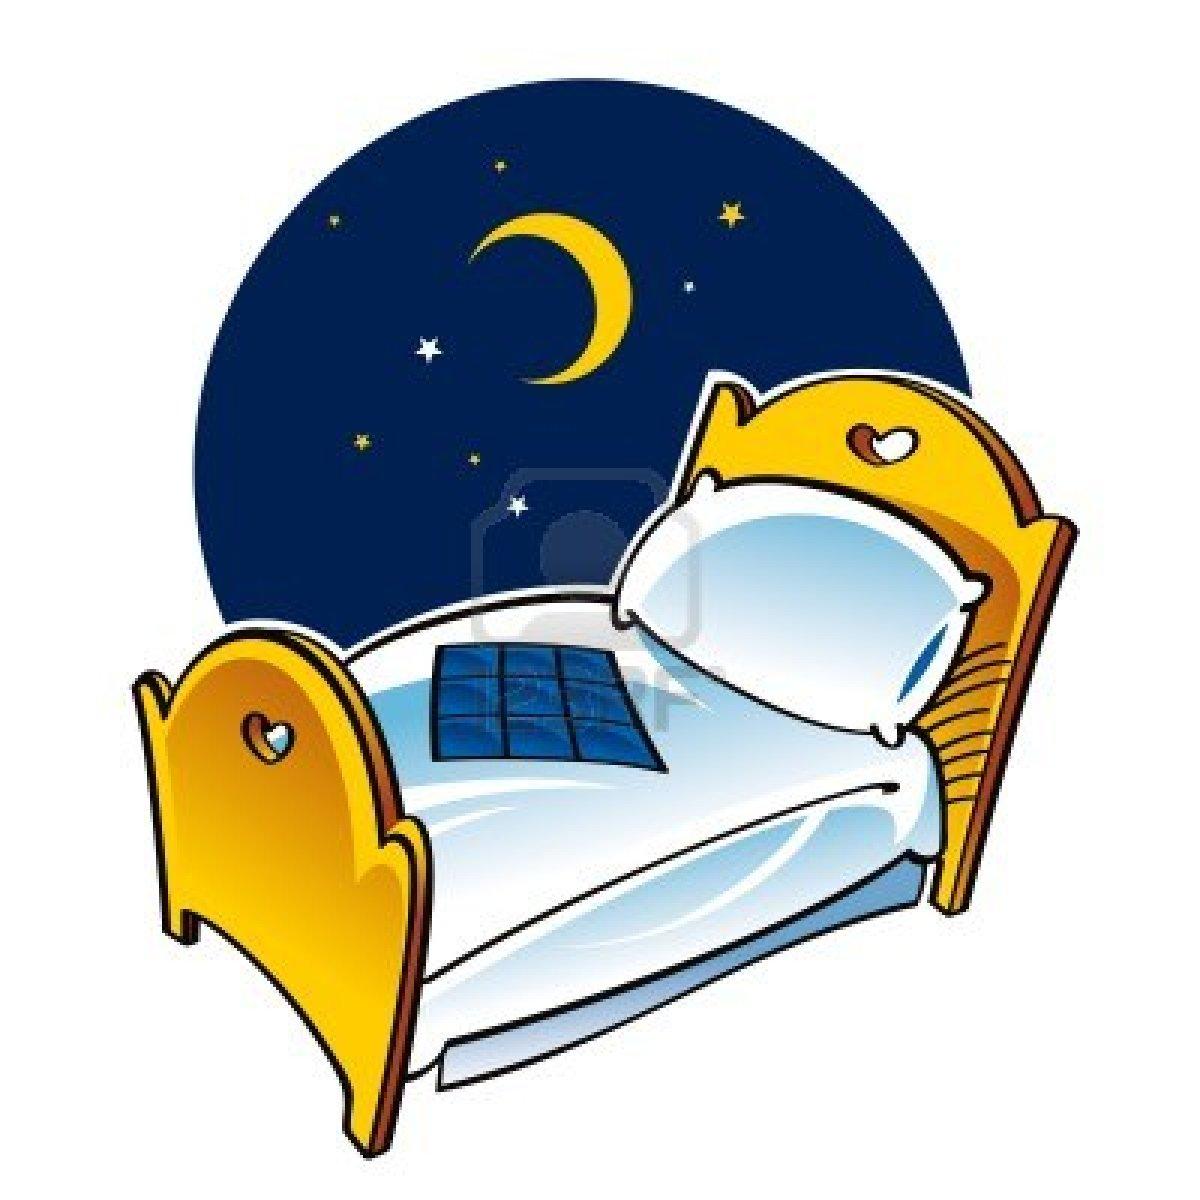 Good Sleep Clipart - ClipArt Best